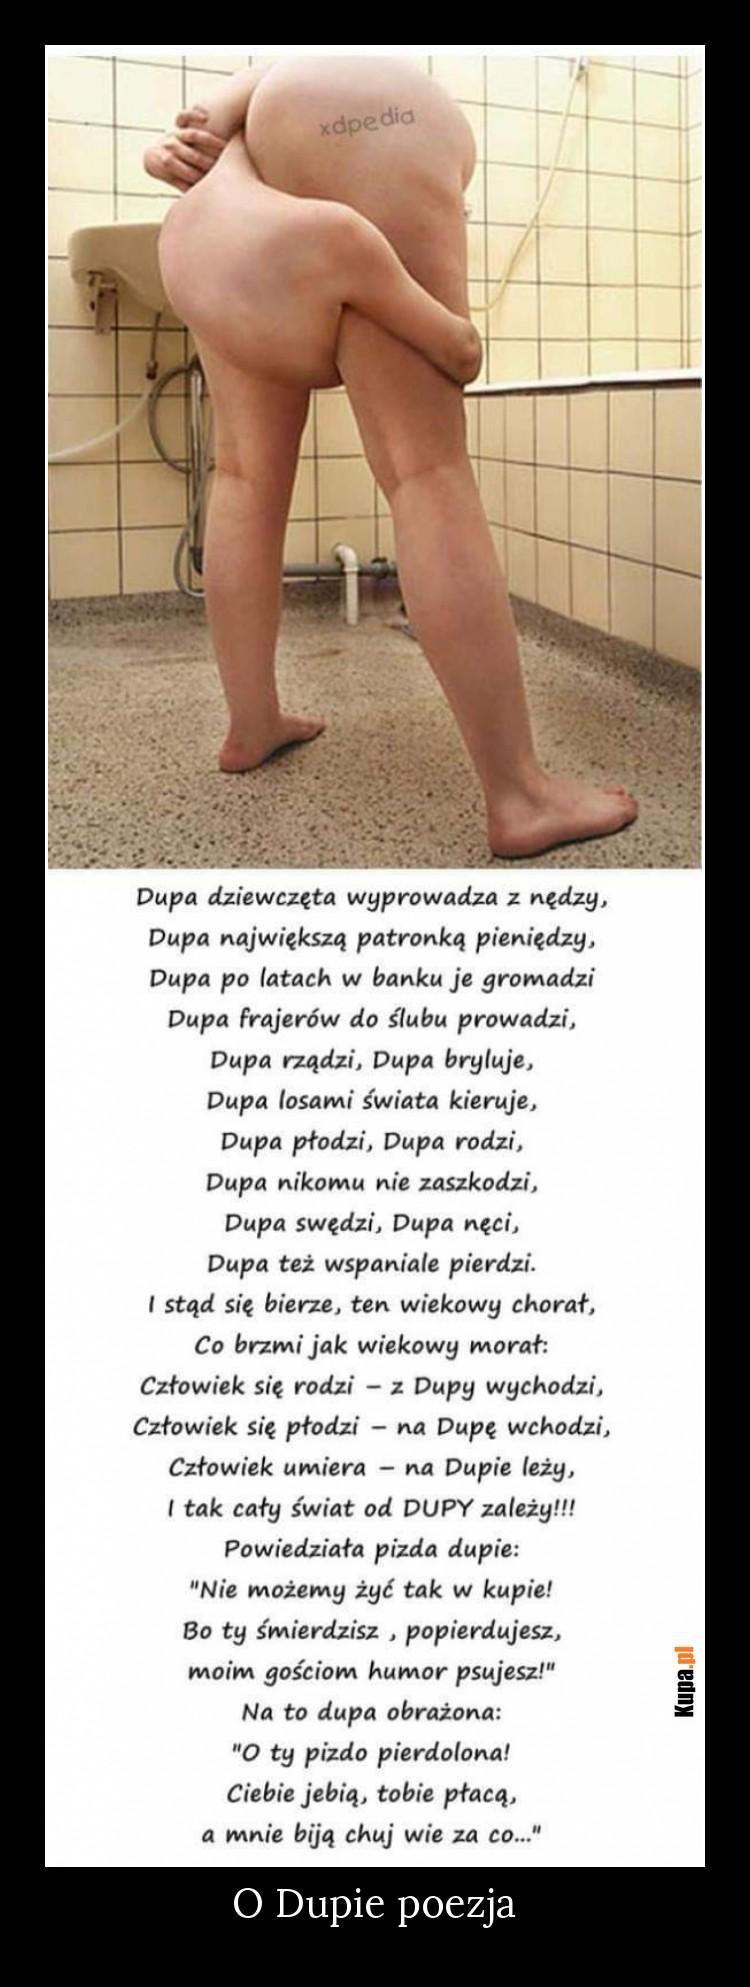 O Dupie poezja